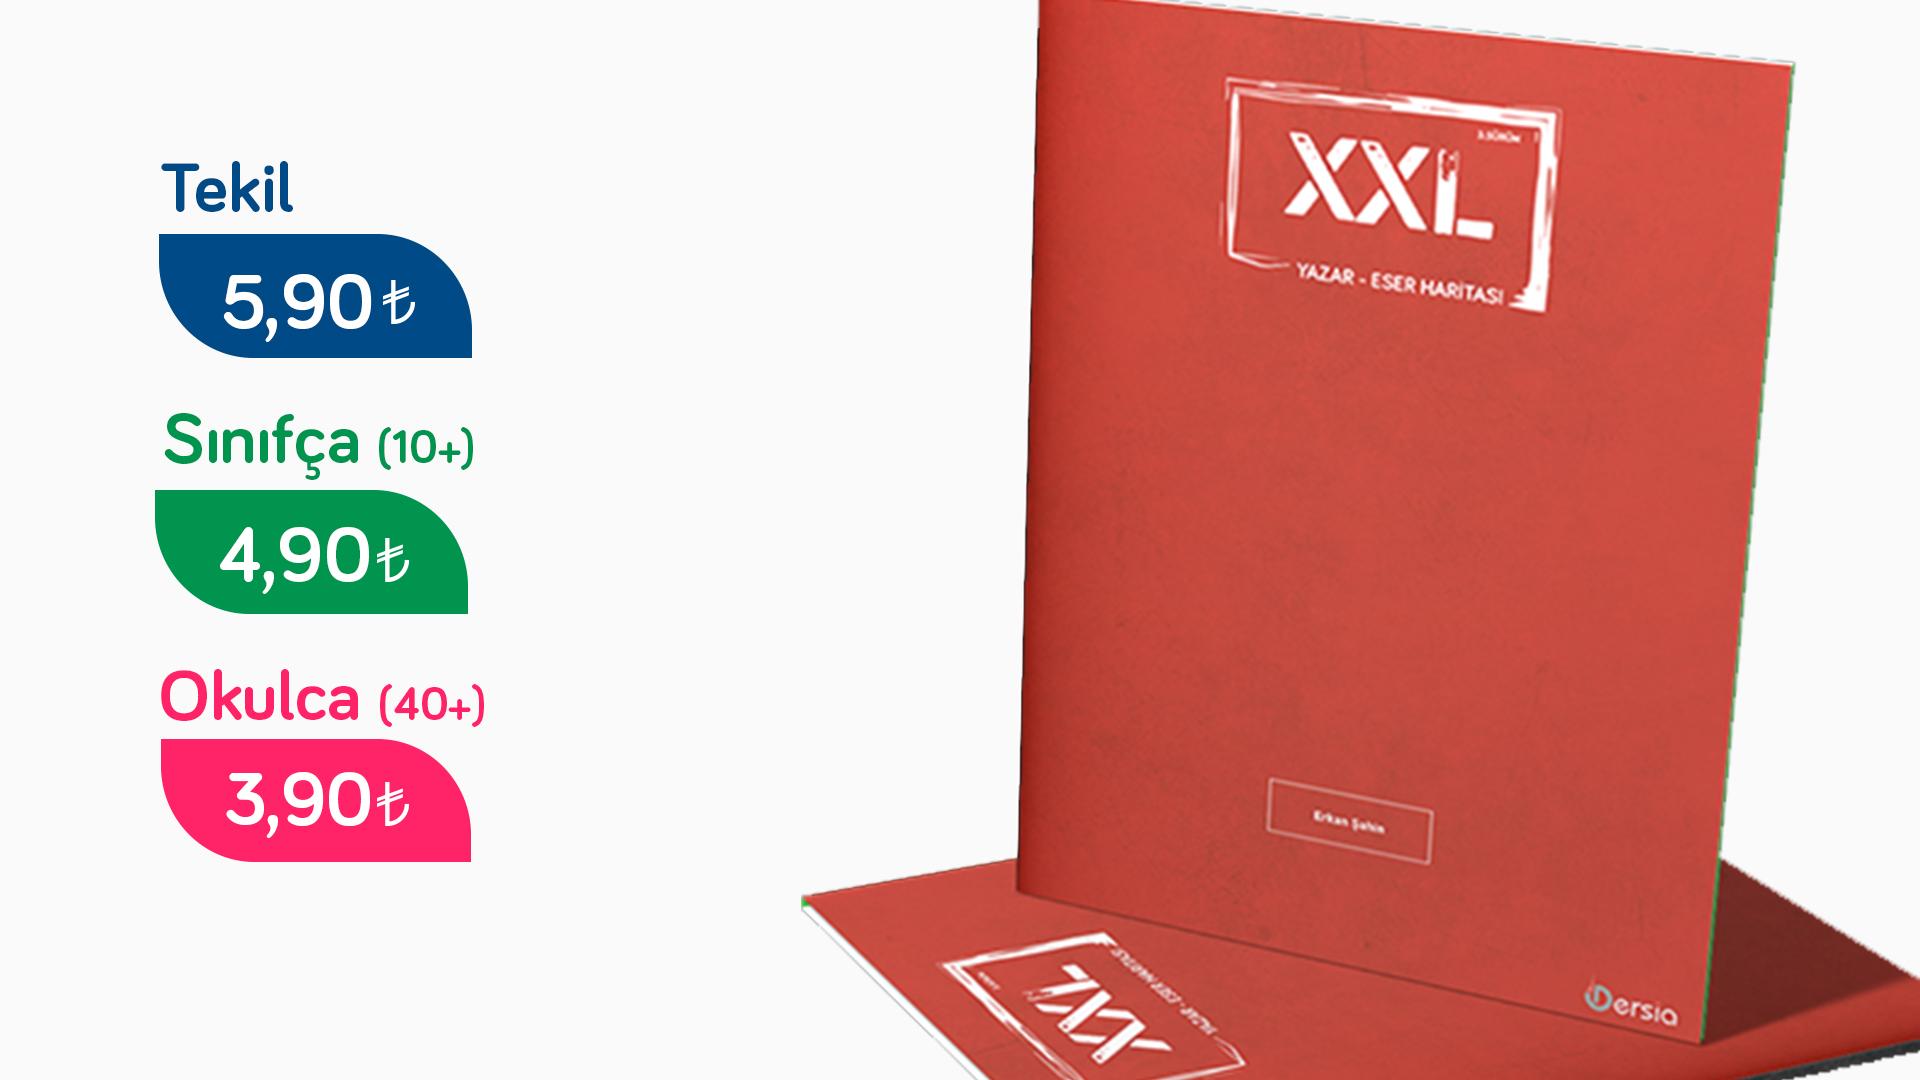 xxl-edebiyat-yazar-eser-haritasi